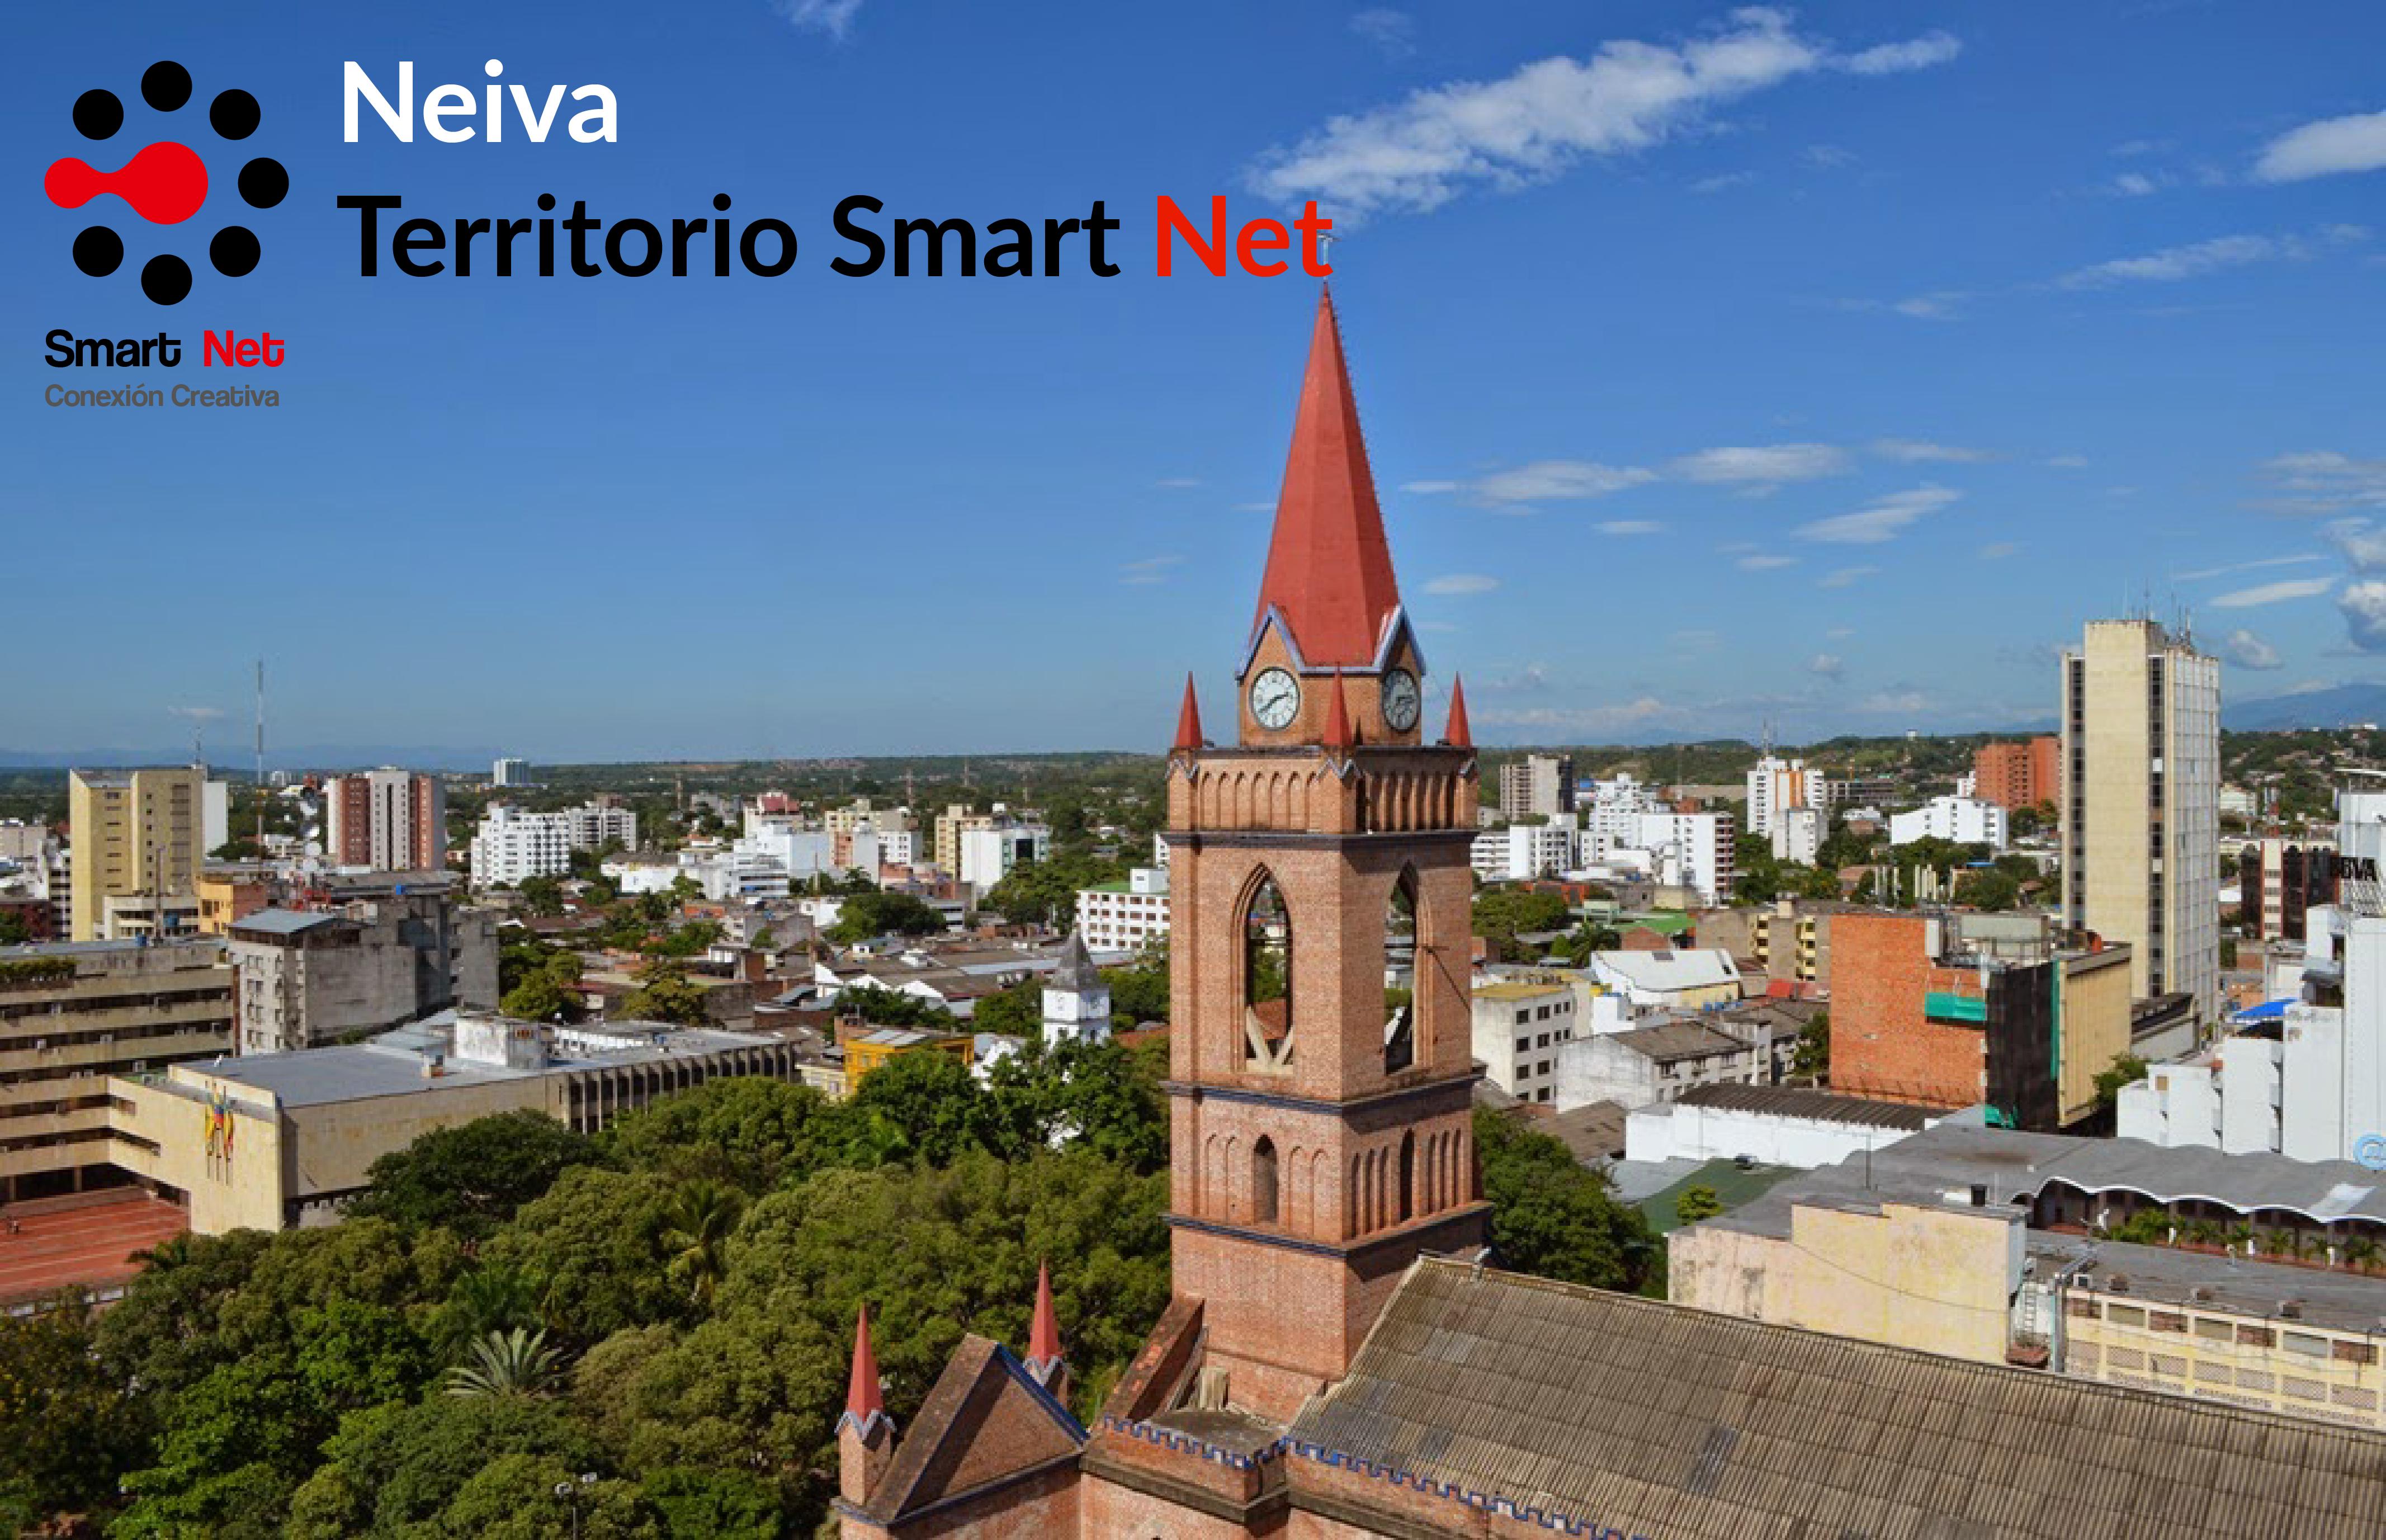 La Ciudad de Neiva se Conecta al Internet de las Cosas